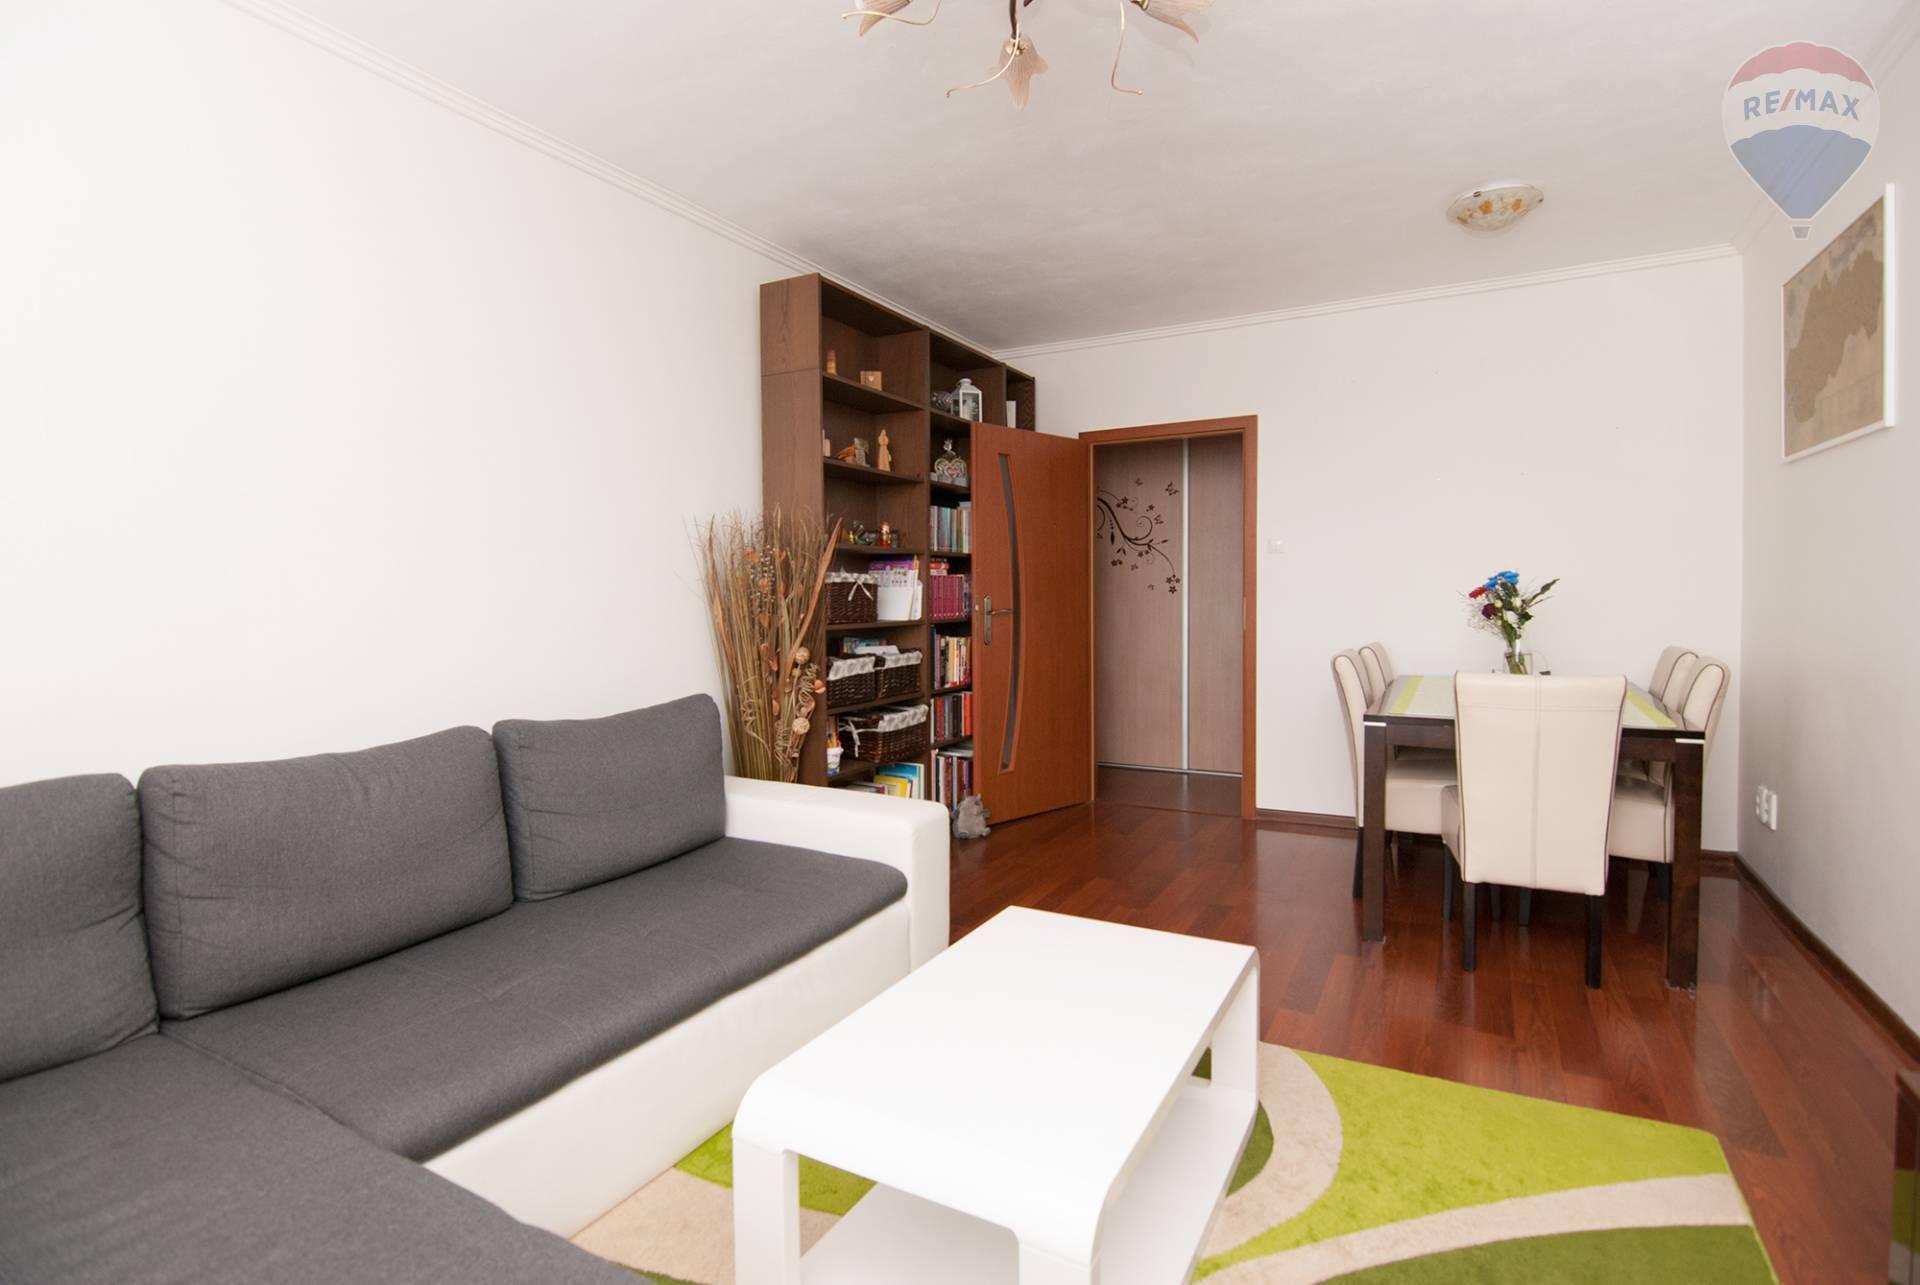 Predaj bytu (3 izbový) 70 m2, Bratislava - Podunajské Biskupice - obývacia izba